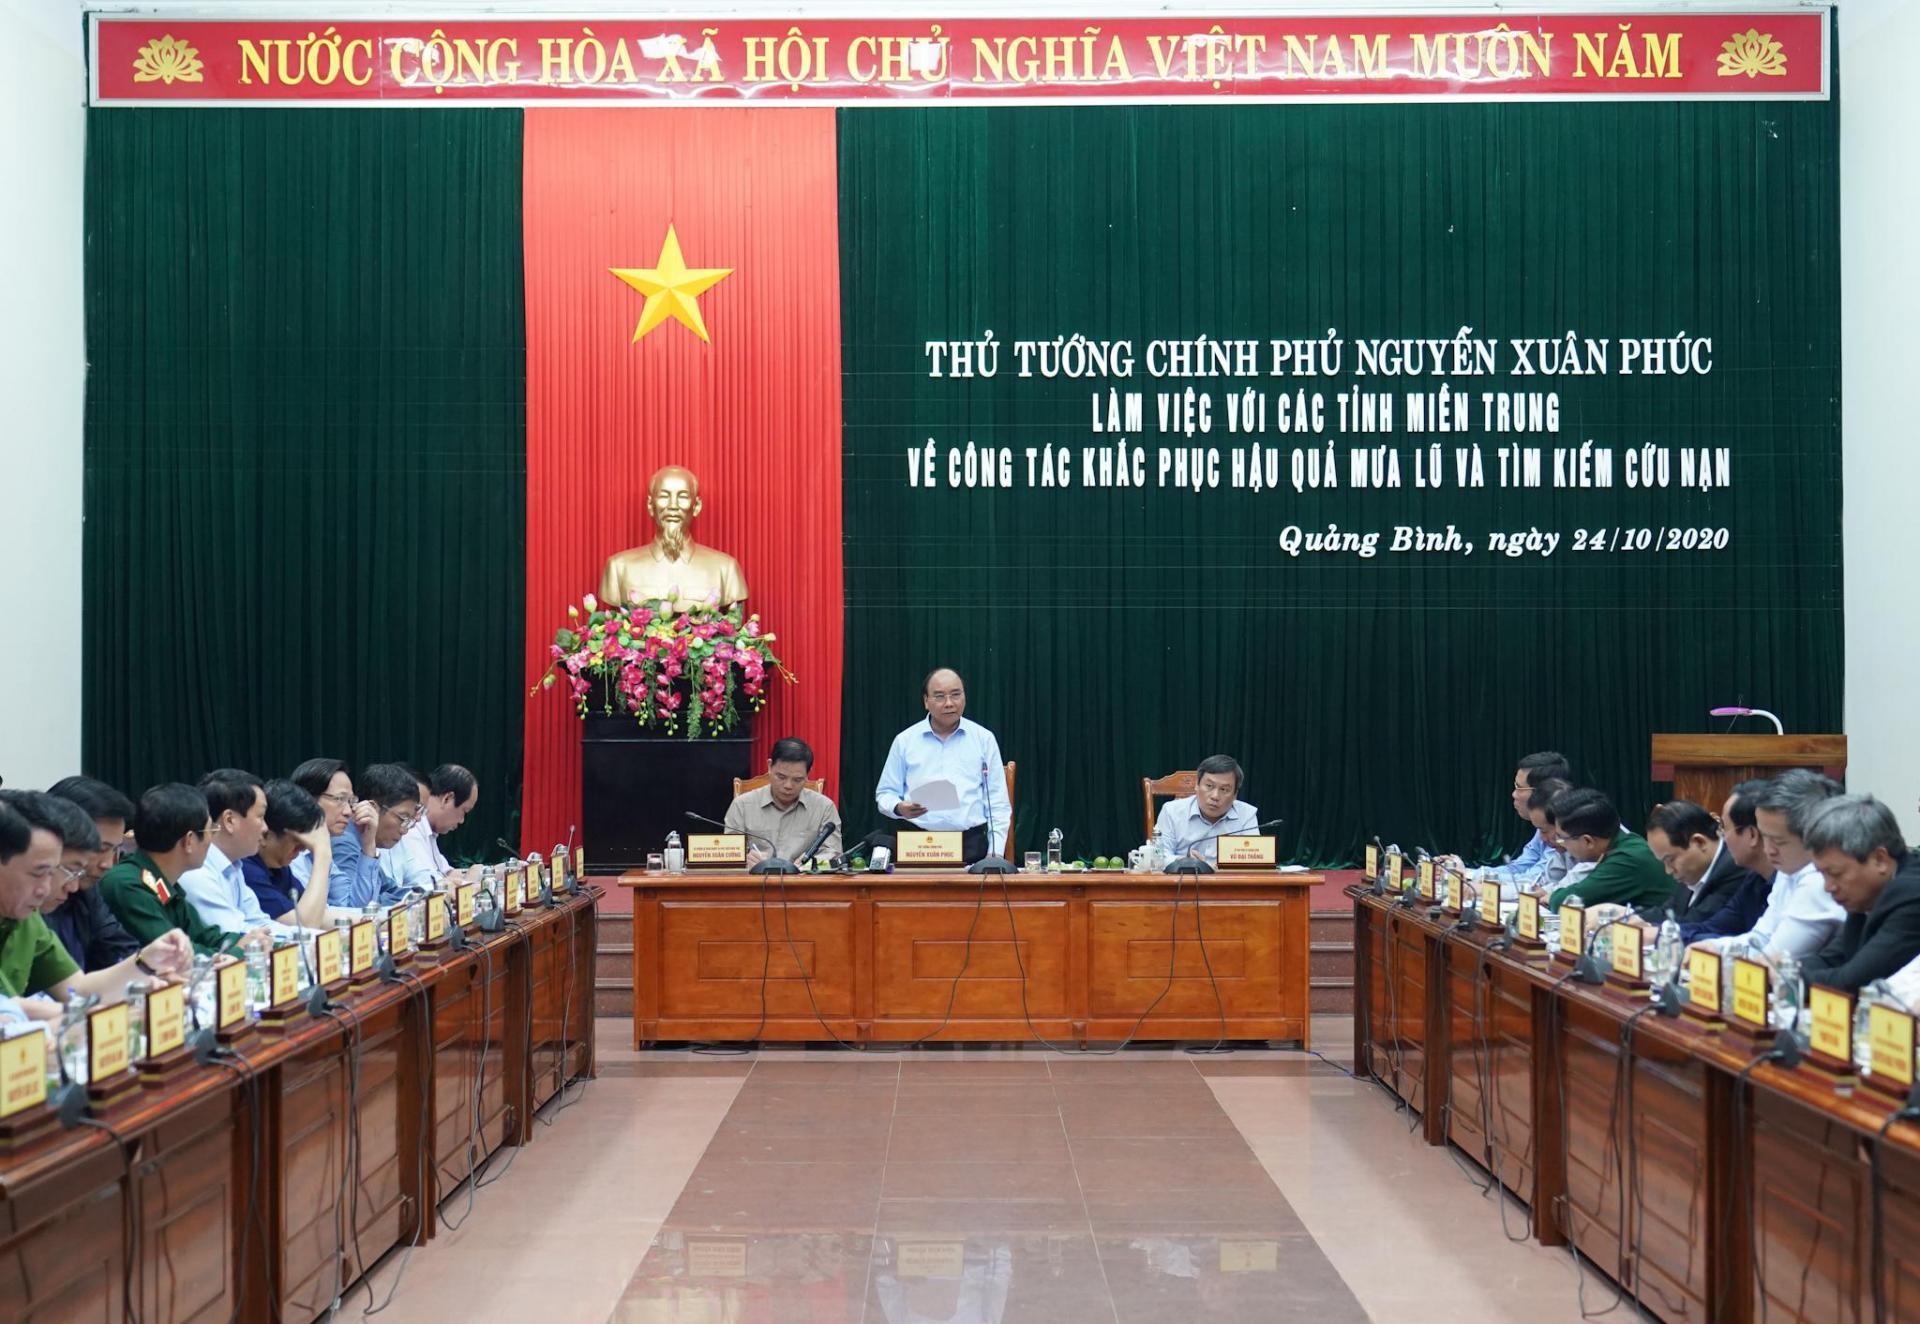 Thủ tướng làm việc với các tỉnh miền Trung về công tác khắc phục hậu quả mưa lũ, tìm kiếm cứu nạn.